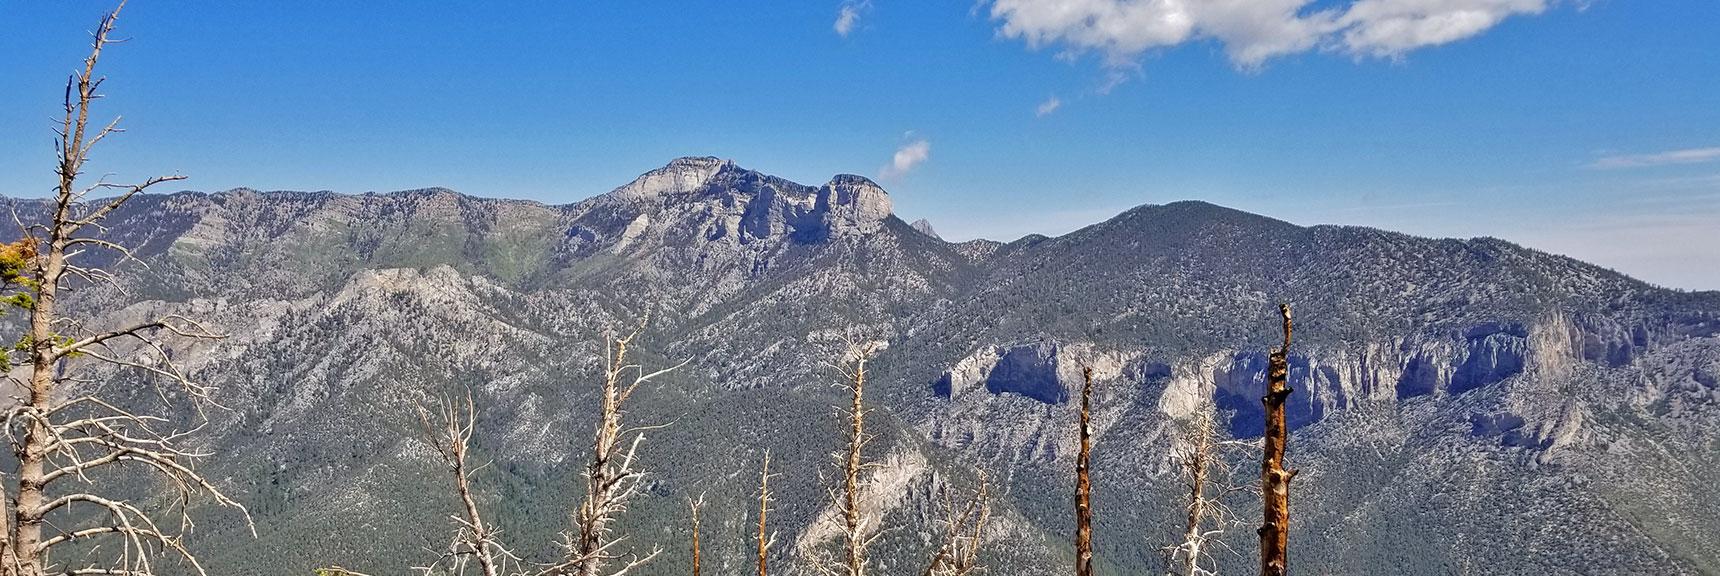 Mummy Mountain and Fletcher Peak from Harris Mountain Summit | Harris Mountain Griffith Peak Circuit in Mt. Charleston Wilderness, Nevada